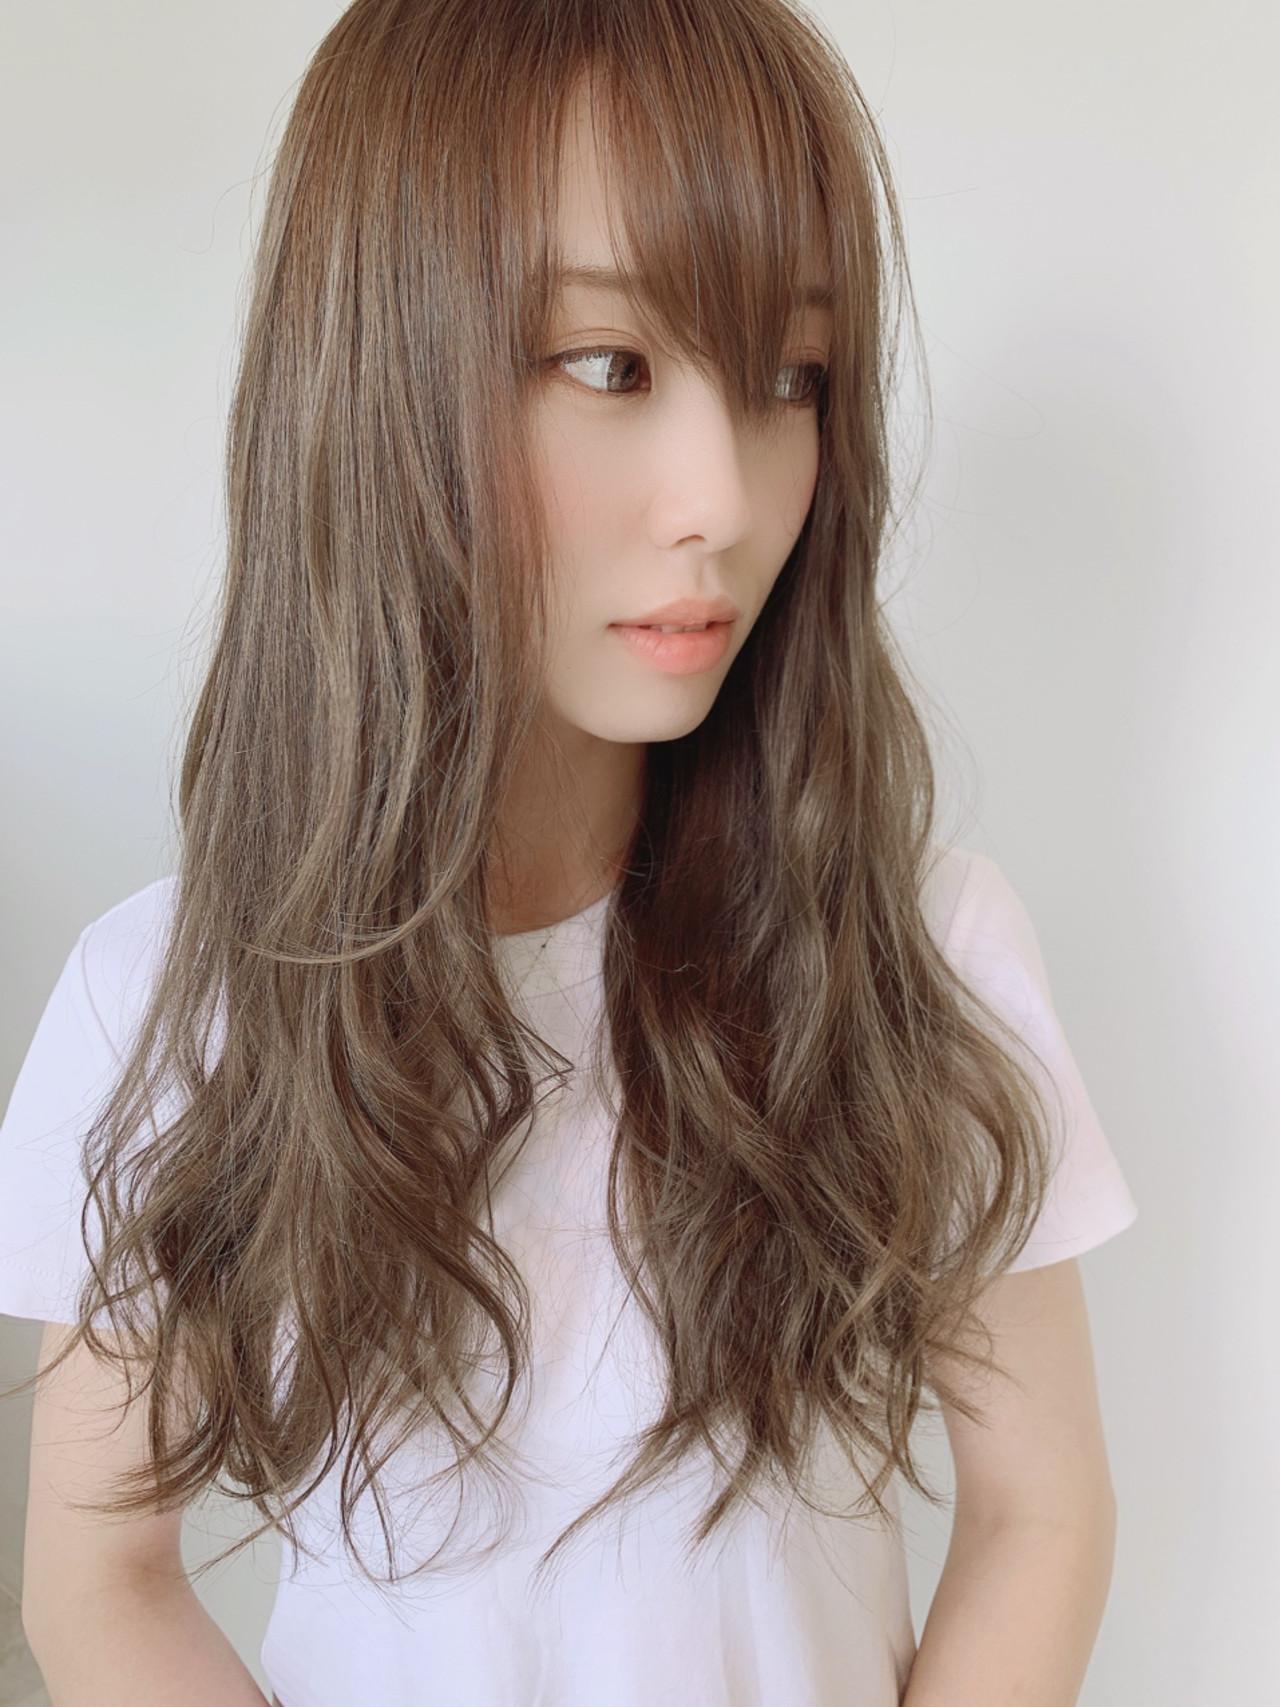 透明感カラー アッシュベージュ ミルクティーベージュ ロング ヘアスタイルや髪型の写真・画像 | 満岡寛史/felice / felice